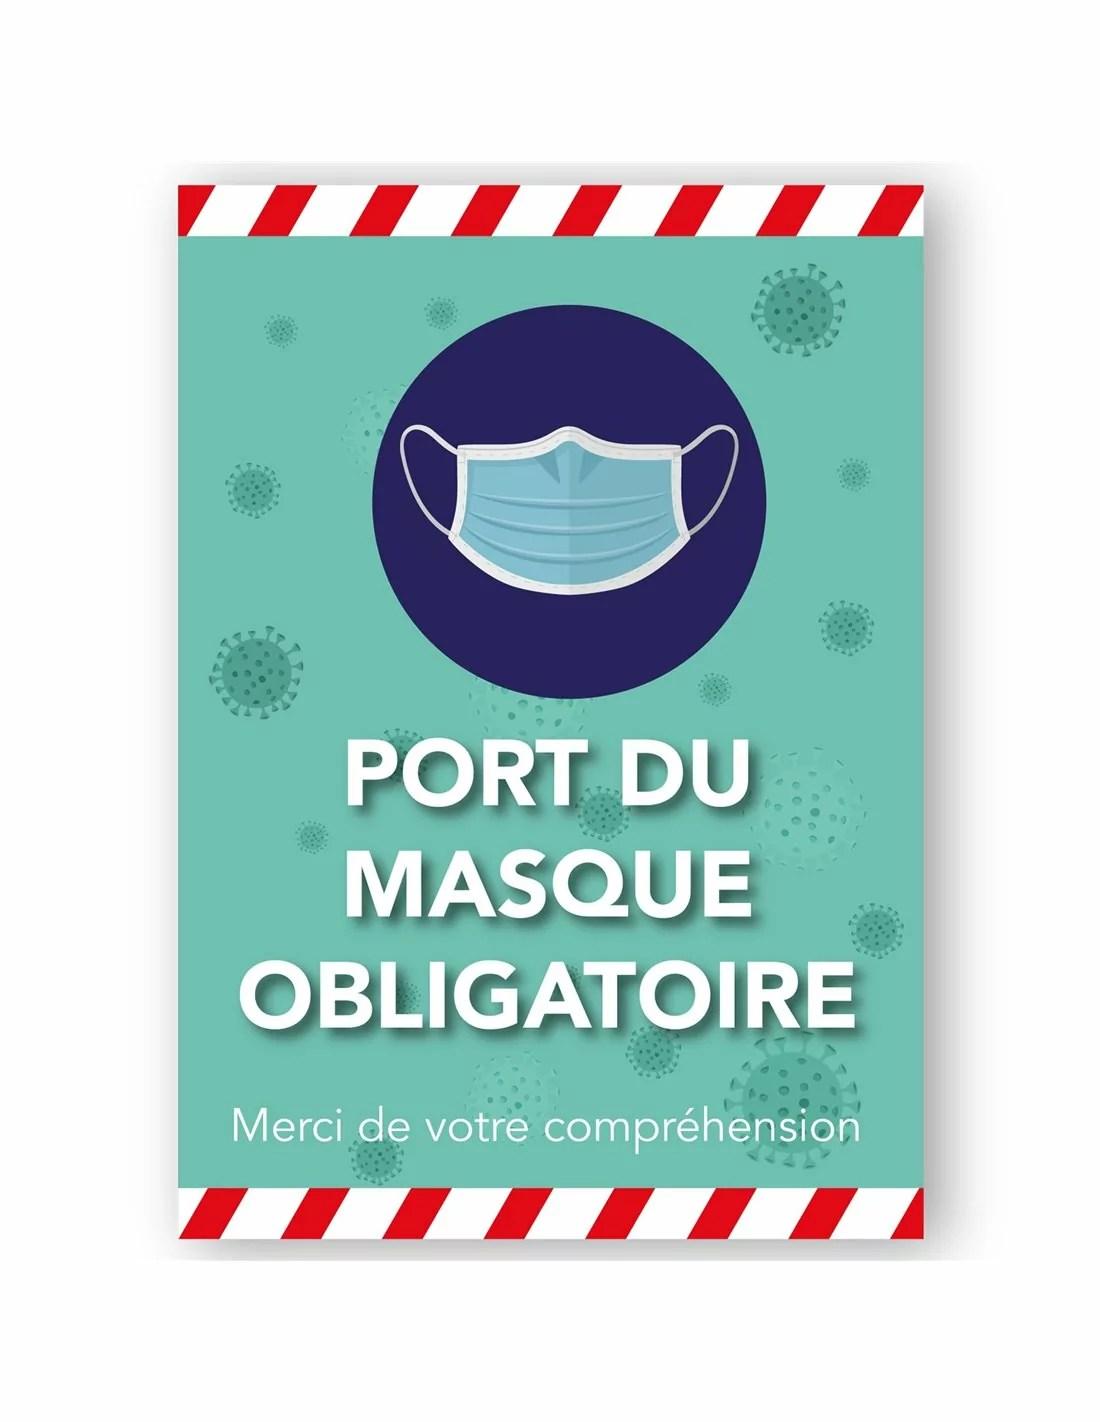 Panneau Port Du Masque Obligatoire : panneau, masque, obligatoire, Adhésif, Panneau, Masque, Obligatoire